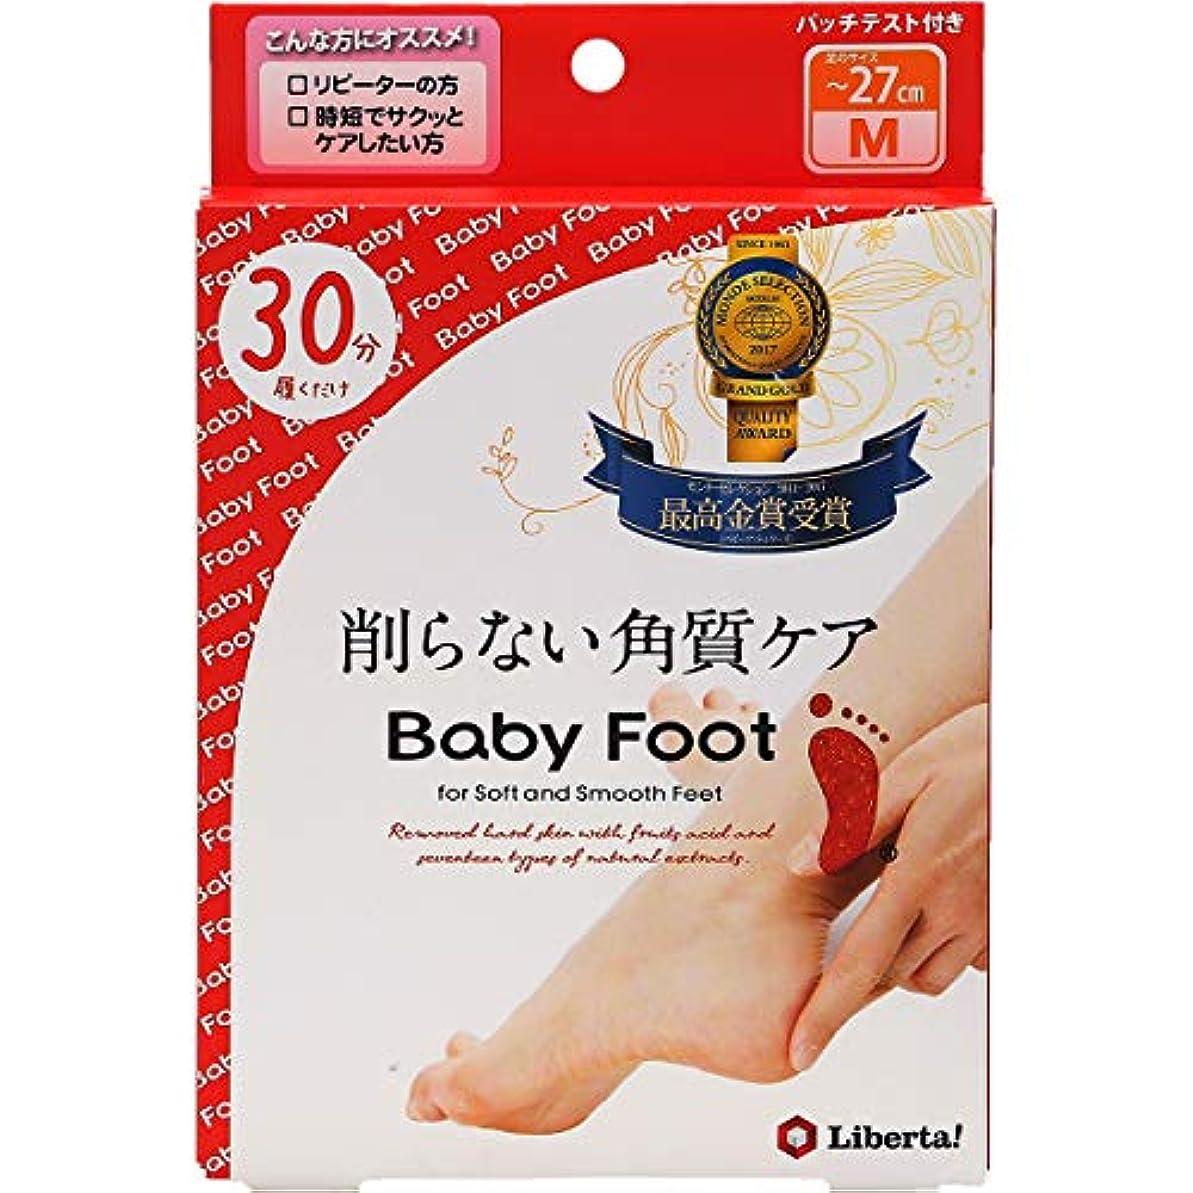 感じ存在する連続したベビーフット (Baby Foot) ベビーフット イージーパック30分タイプ Mサイズ 単品